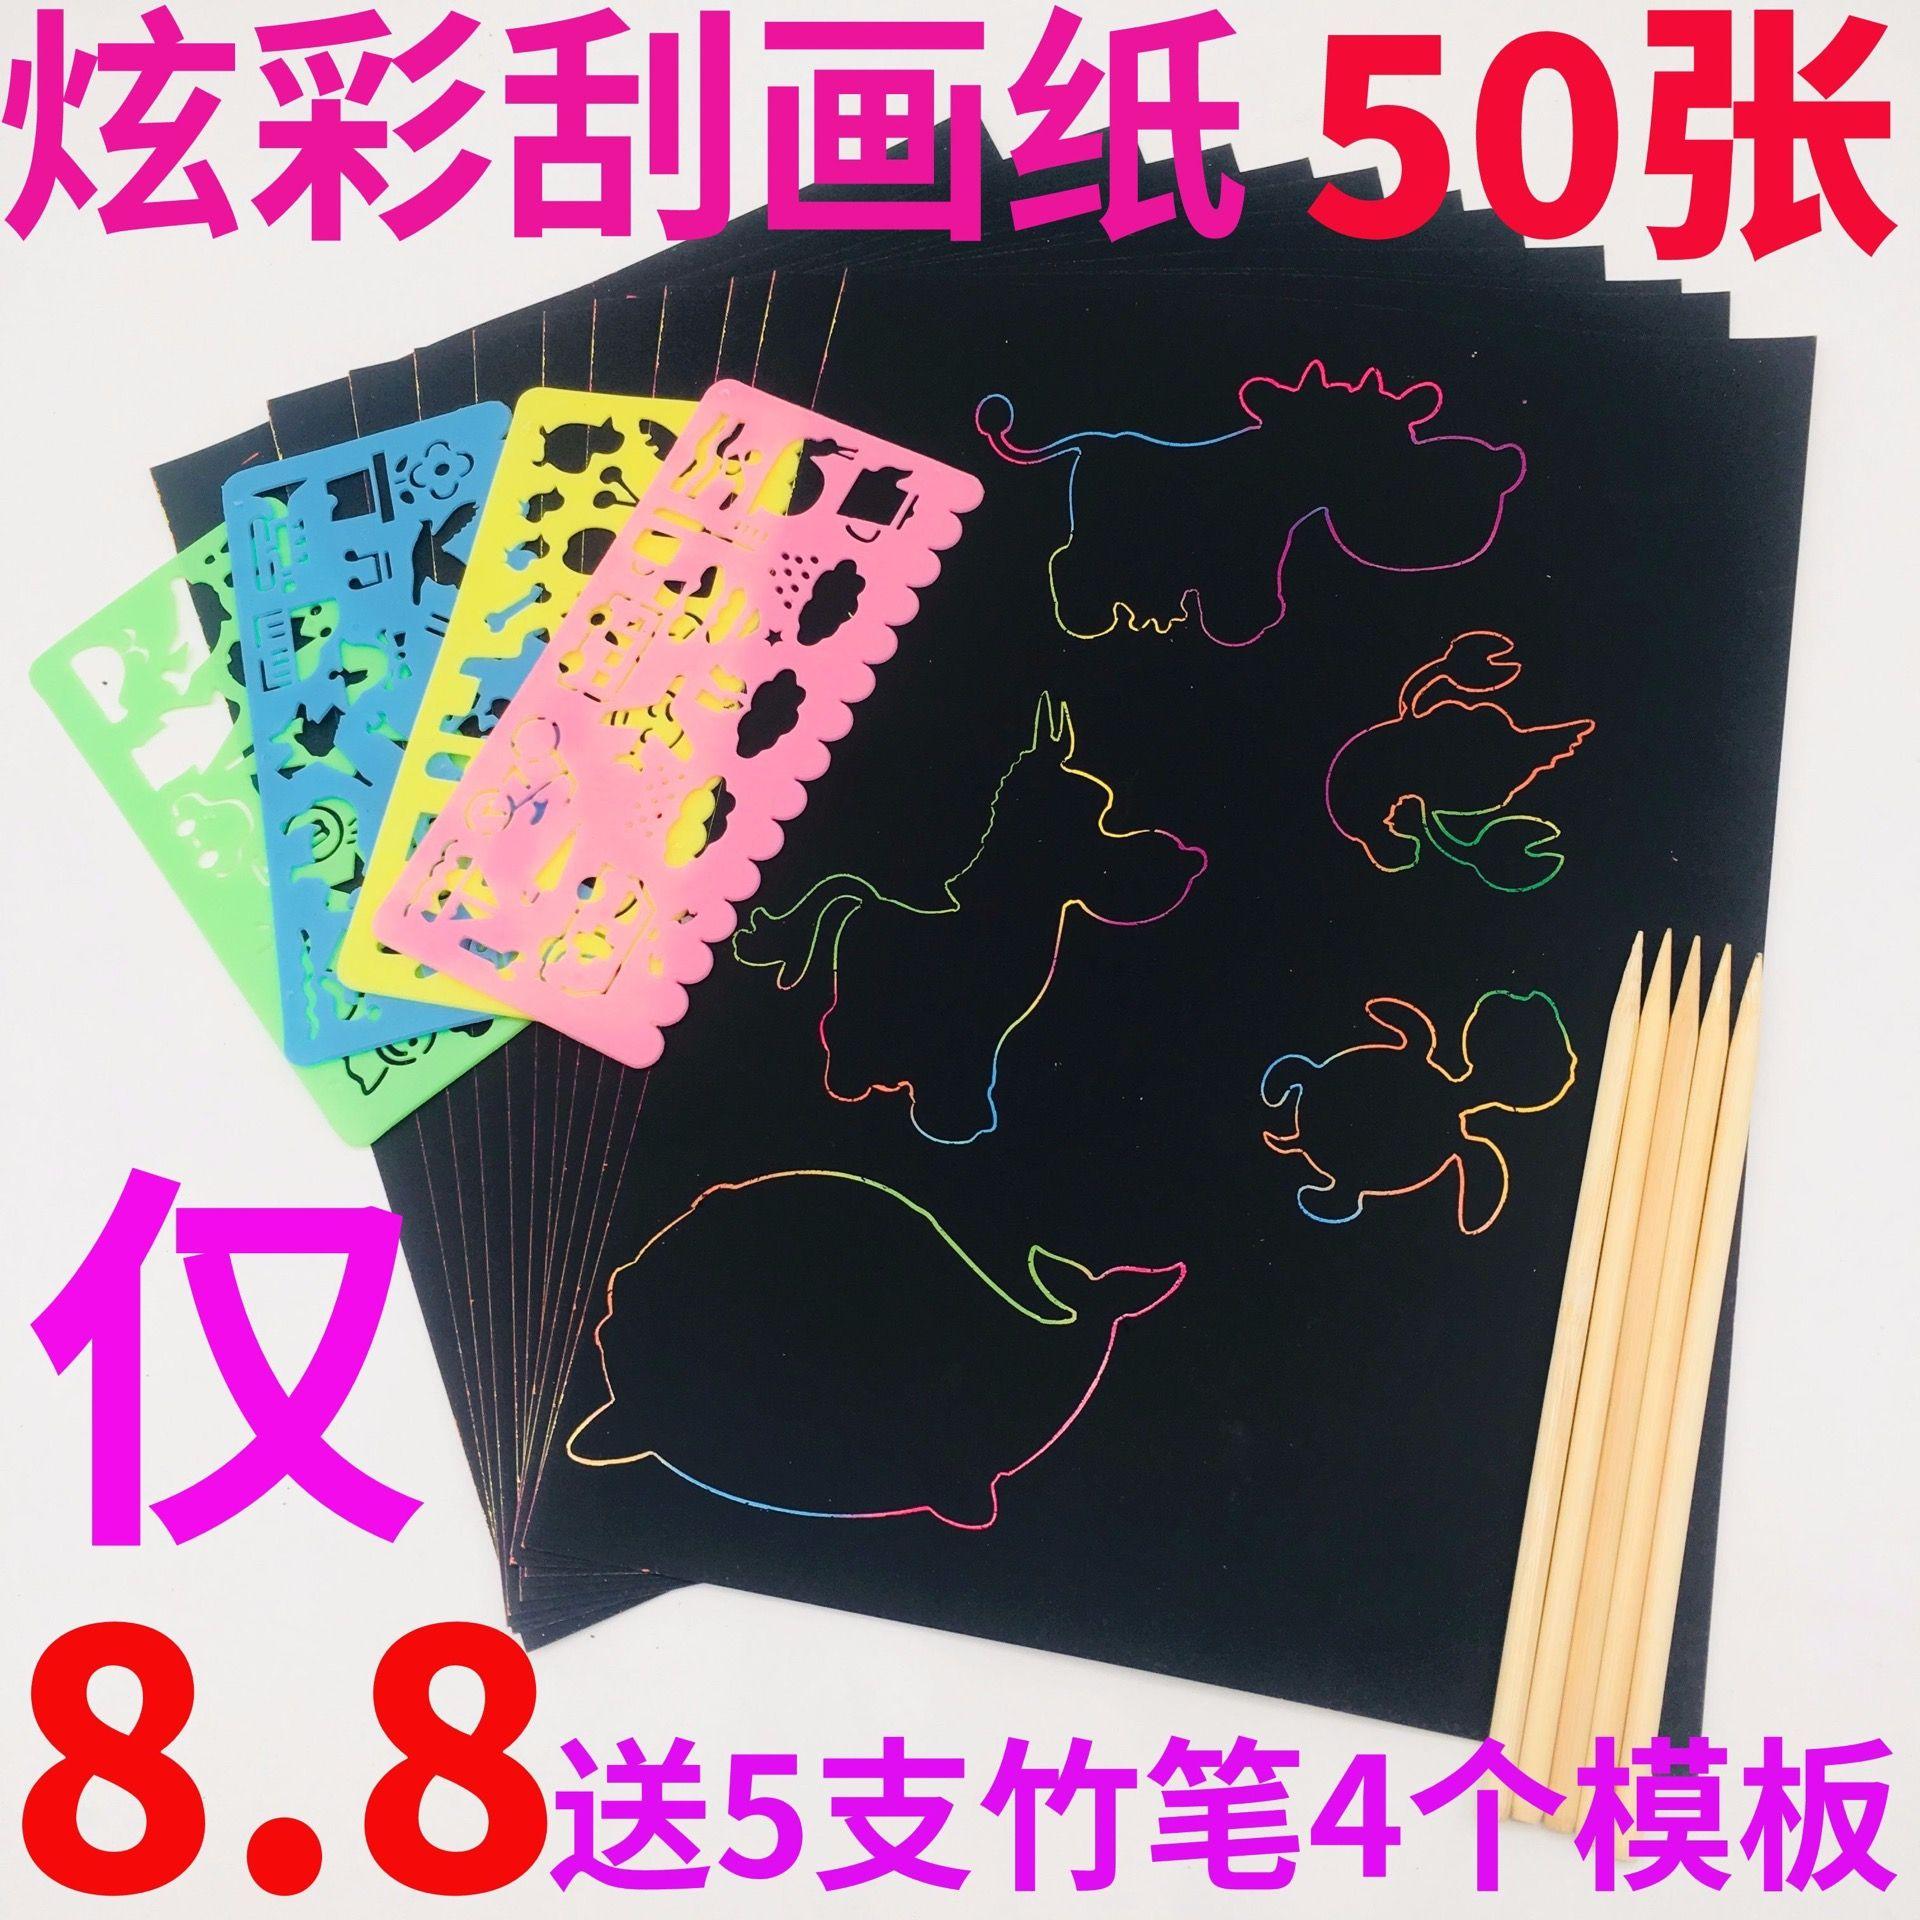 50张送竹笔+模版加厚刮刮画A4 儿童炫彩刮画纸16开创意涂鸦绘画本